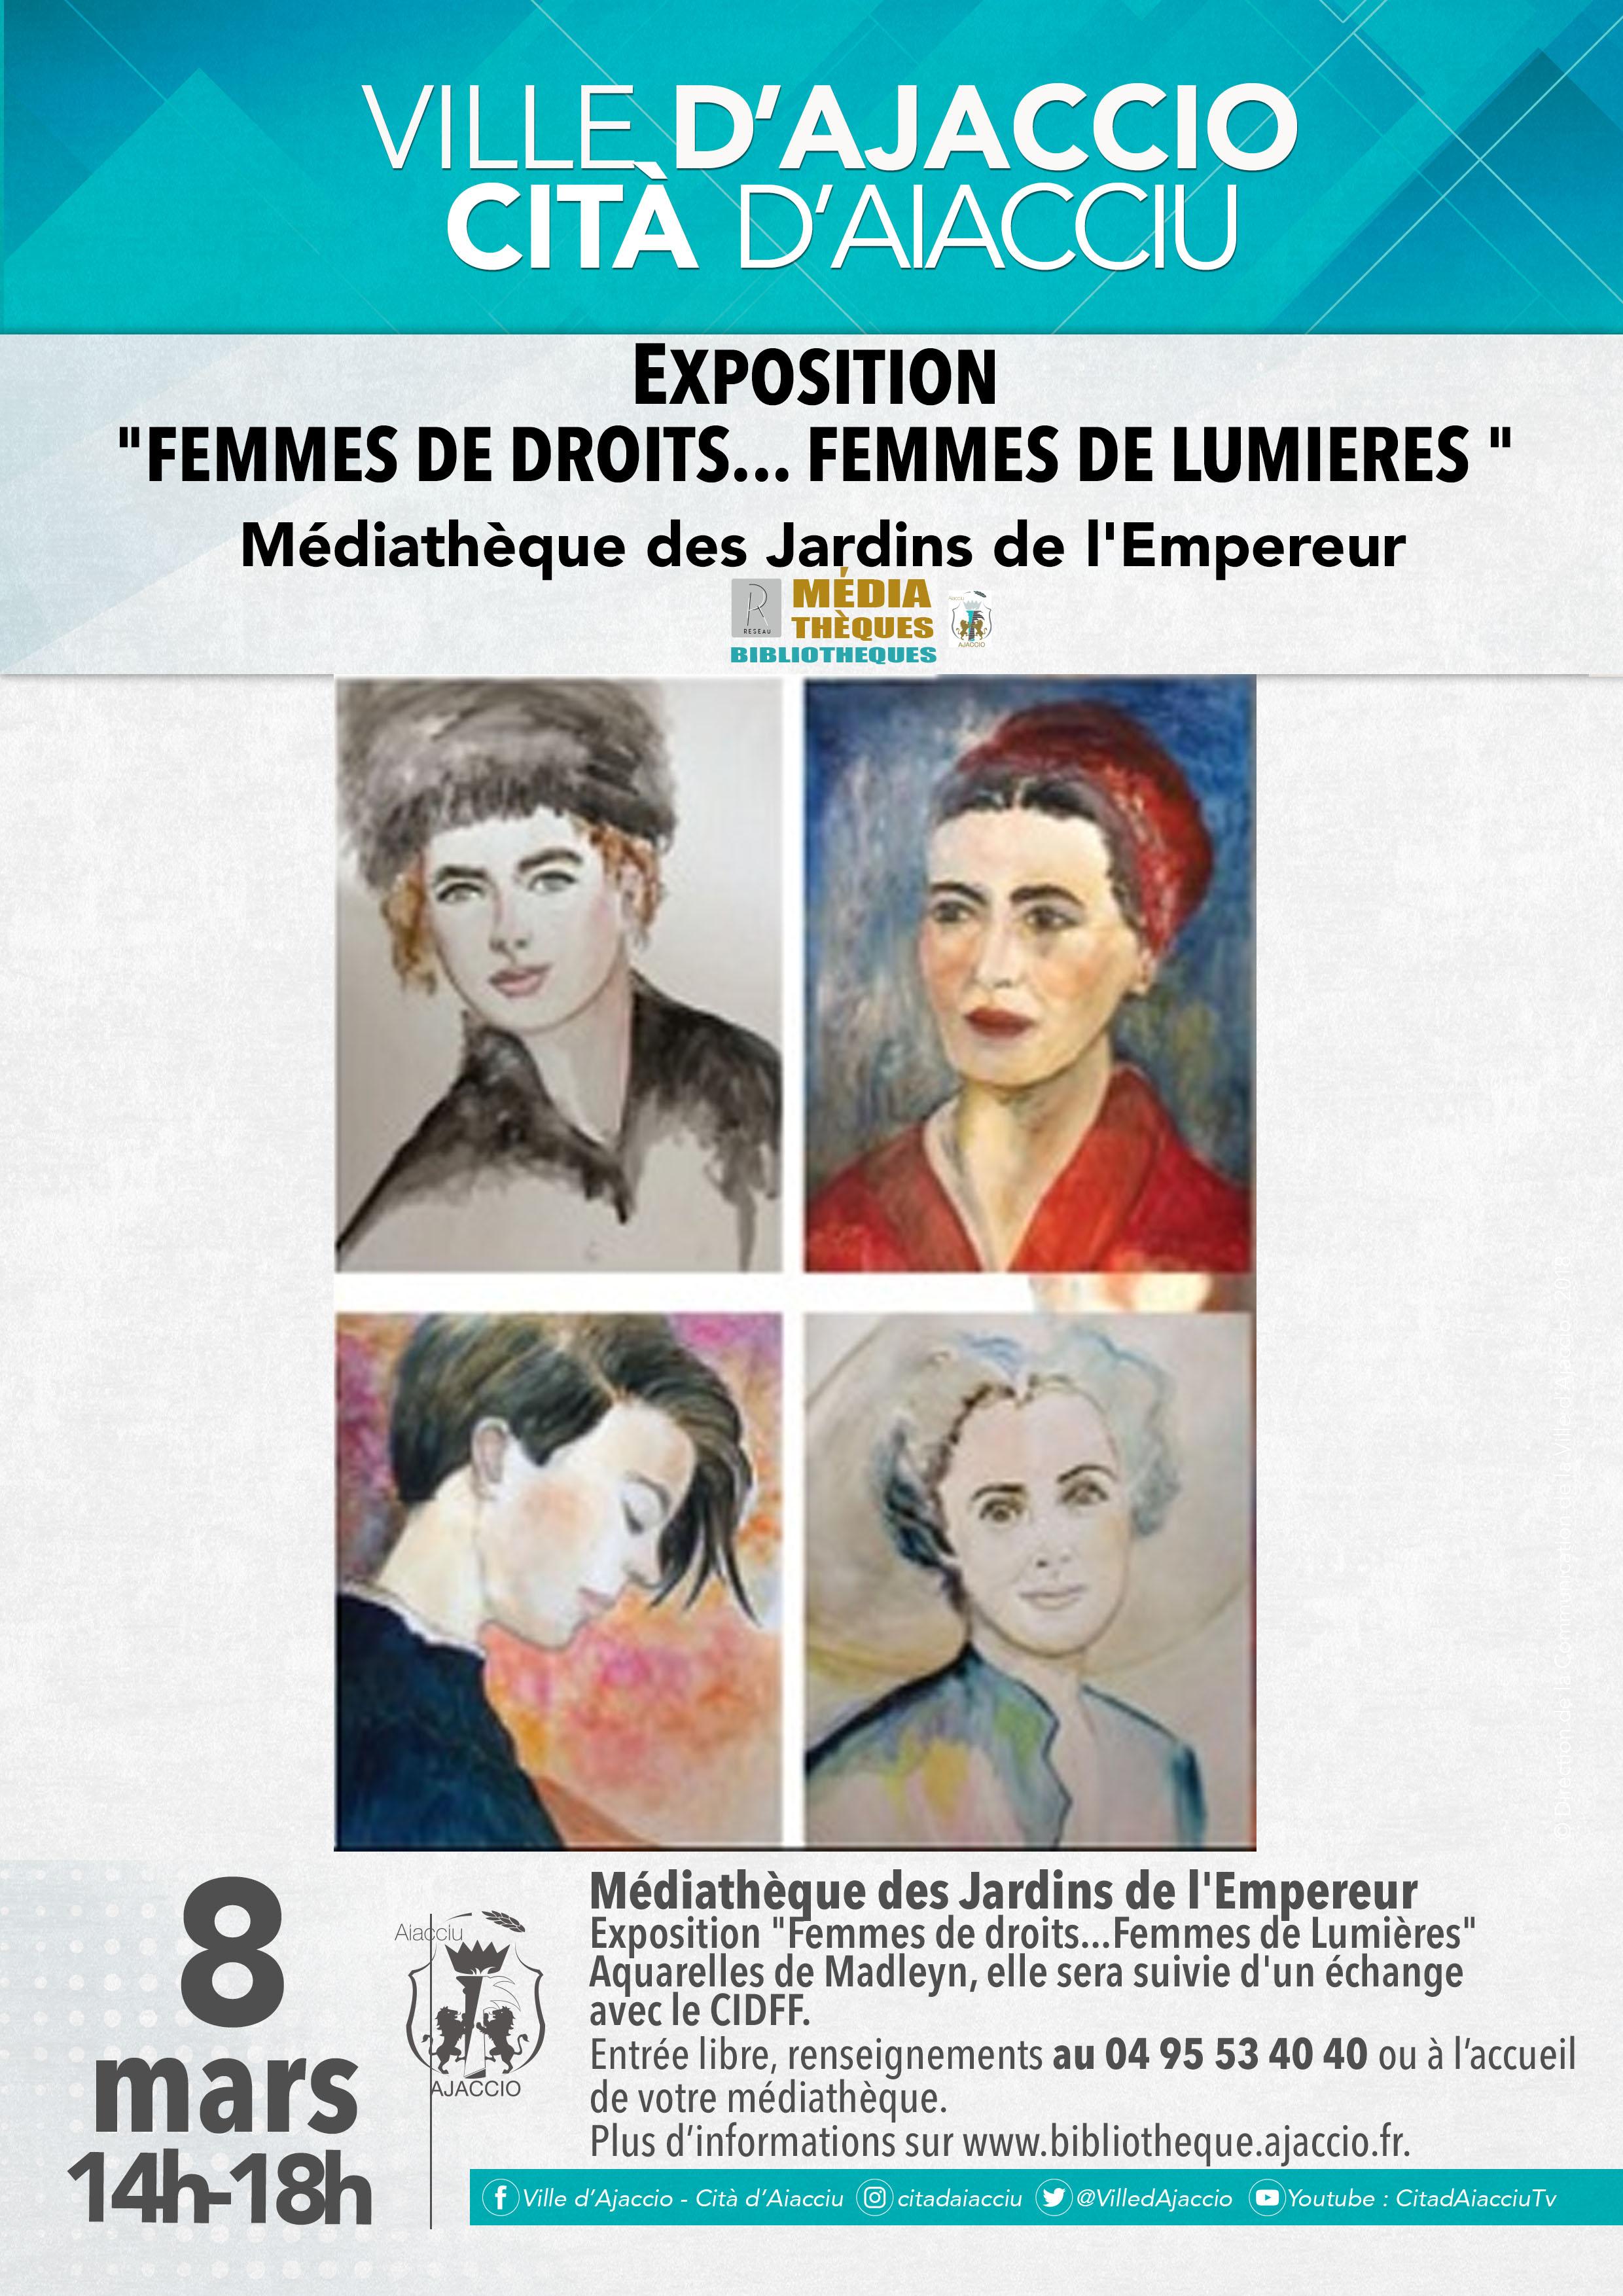 « Femmes de droits…. Femmes de lumières » en expo à la Médiathèque des Jardins de l'Empereur d'Ajaccio